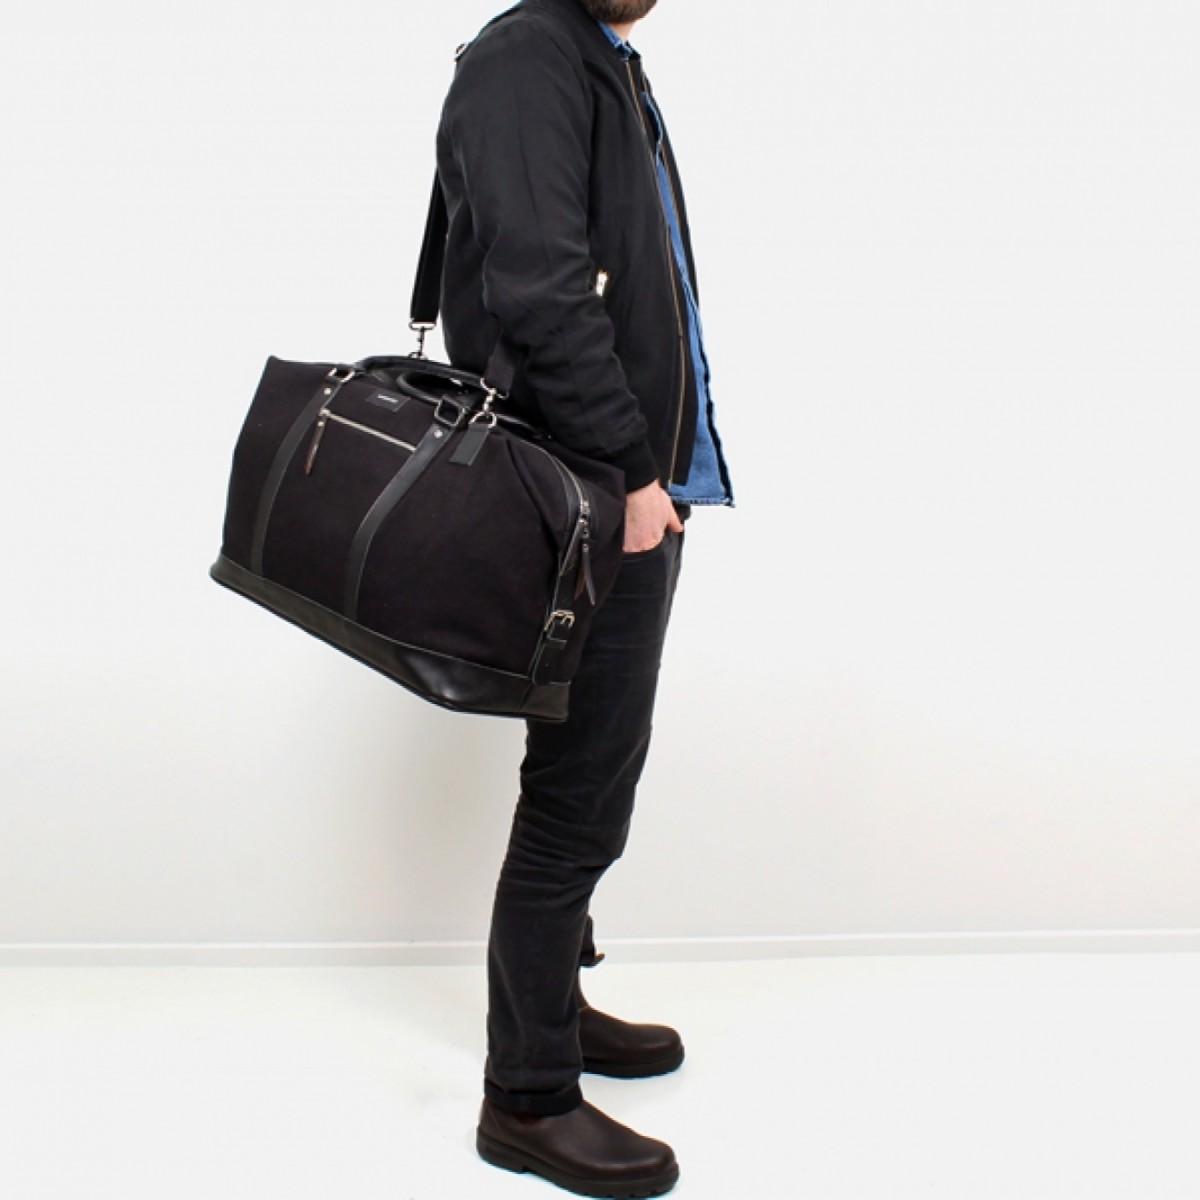 c7822efc8dd0 Sandqvist Jordan Bag - Mukama